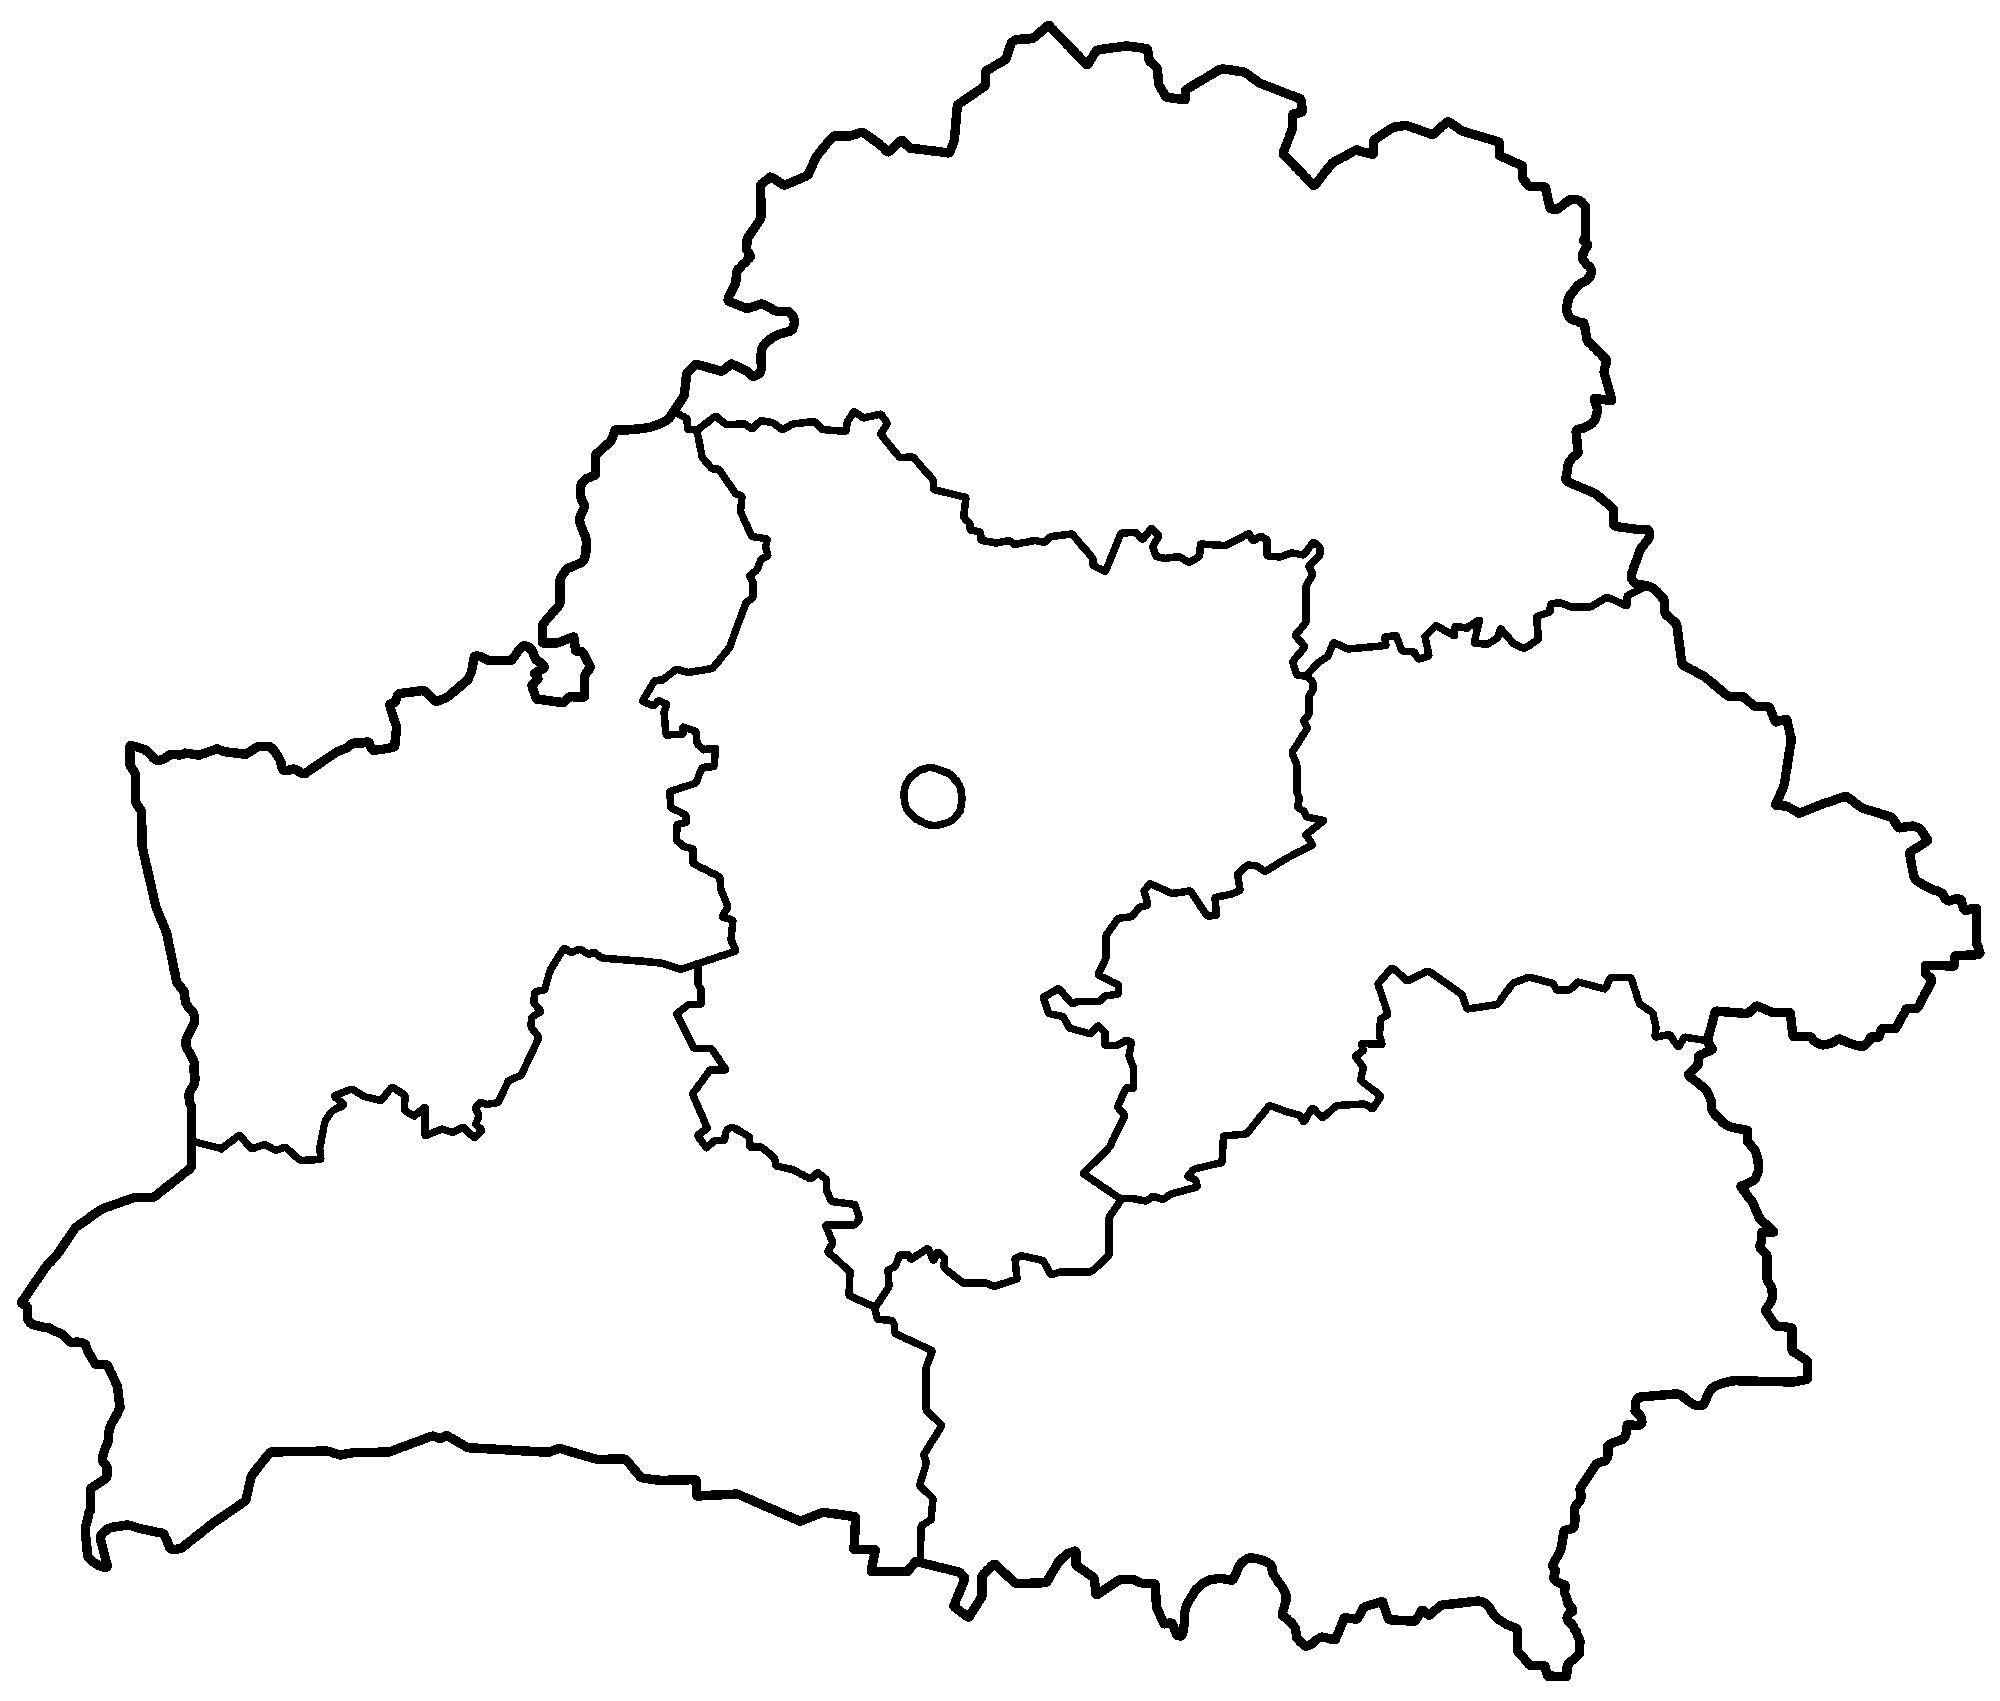 Carte Biélorussie Vierge, Carte Vierge De Biélorussie serapportantà Carte Des Régions De France Vierge